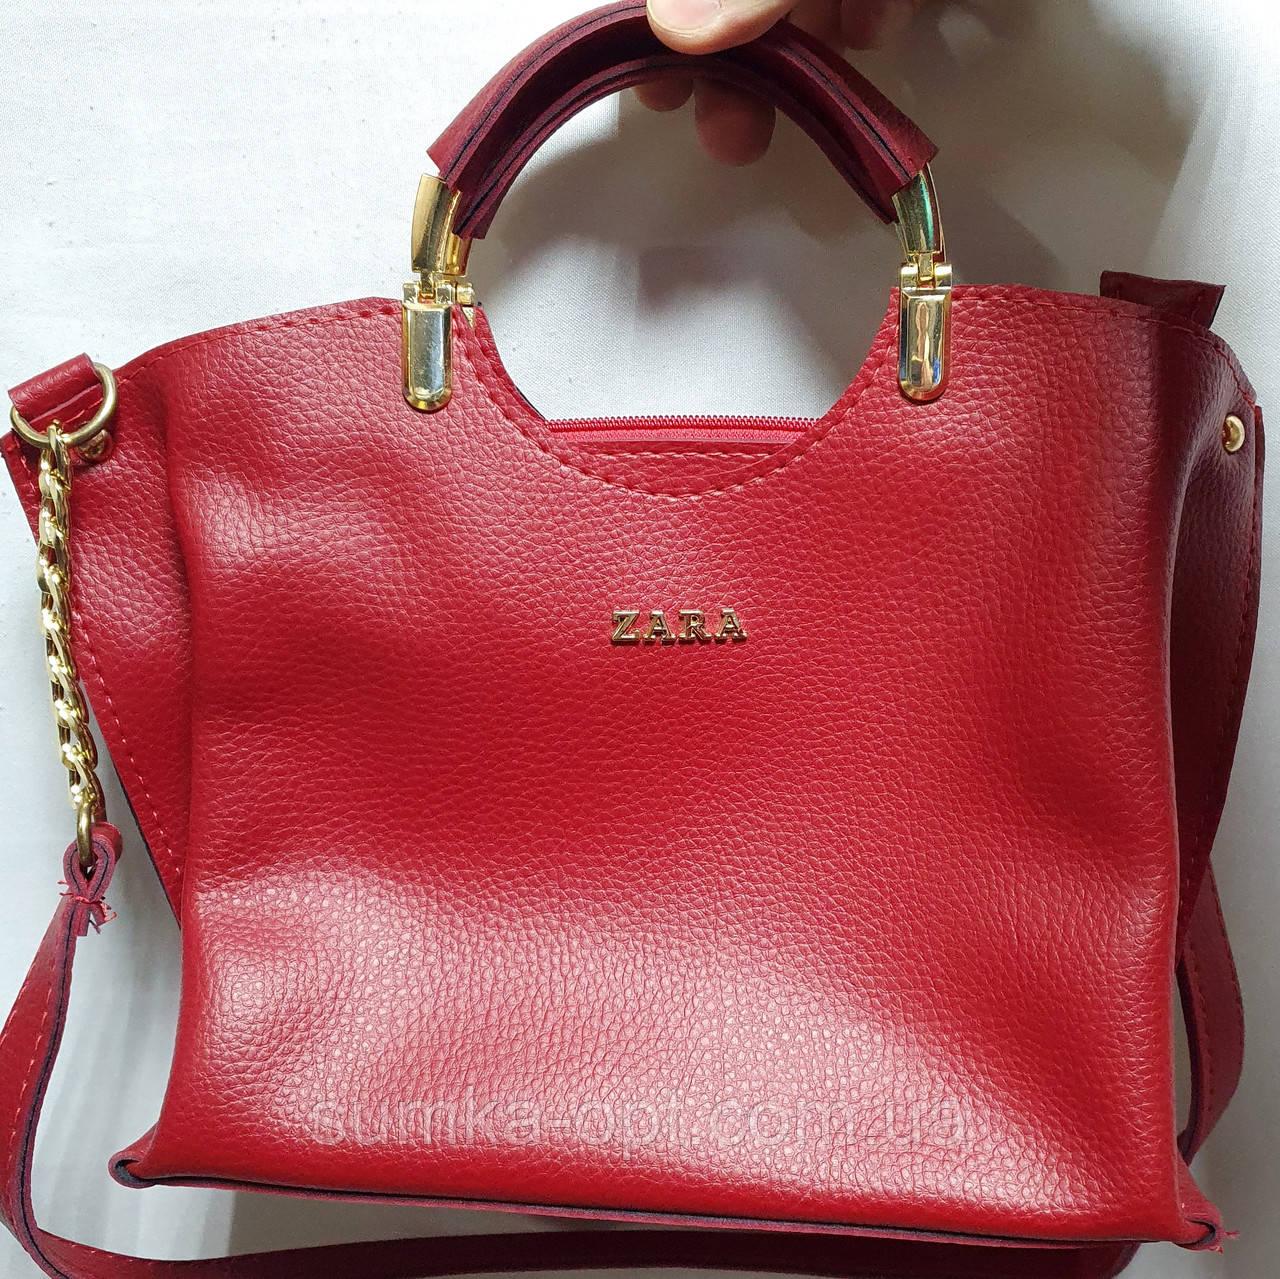 Брендова жіночий сумка Zara 26*25 см, бордо кожзам